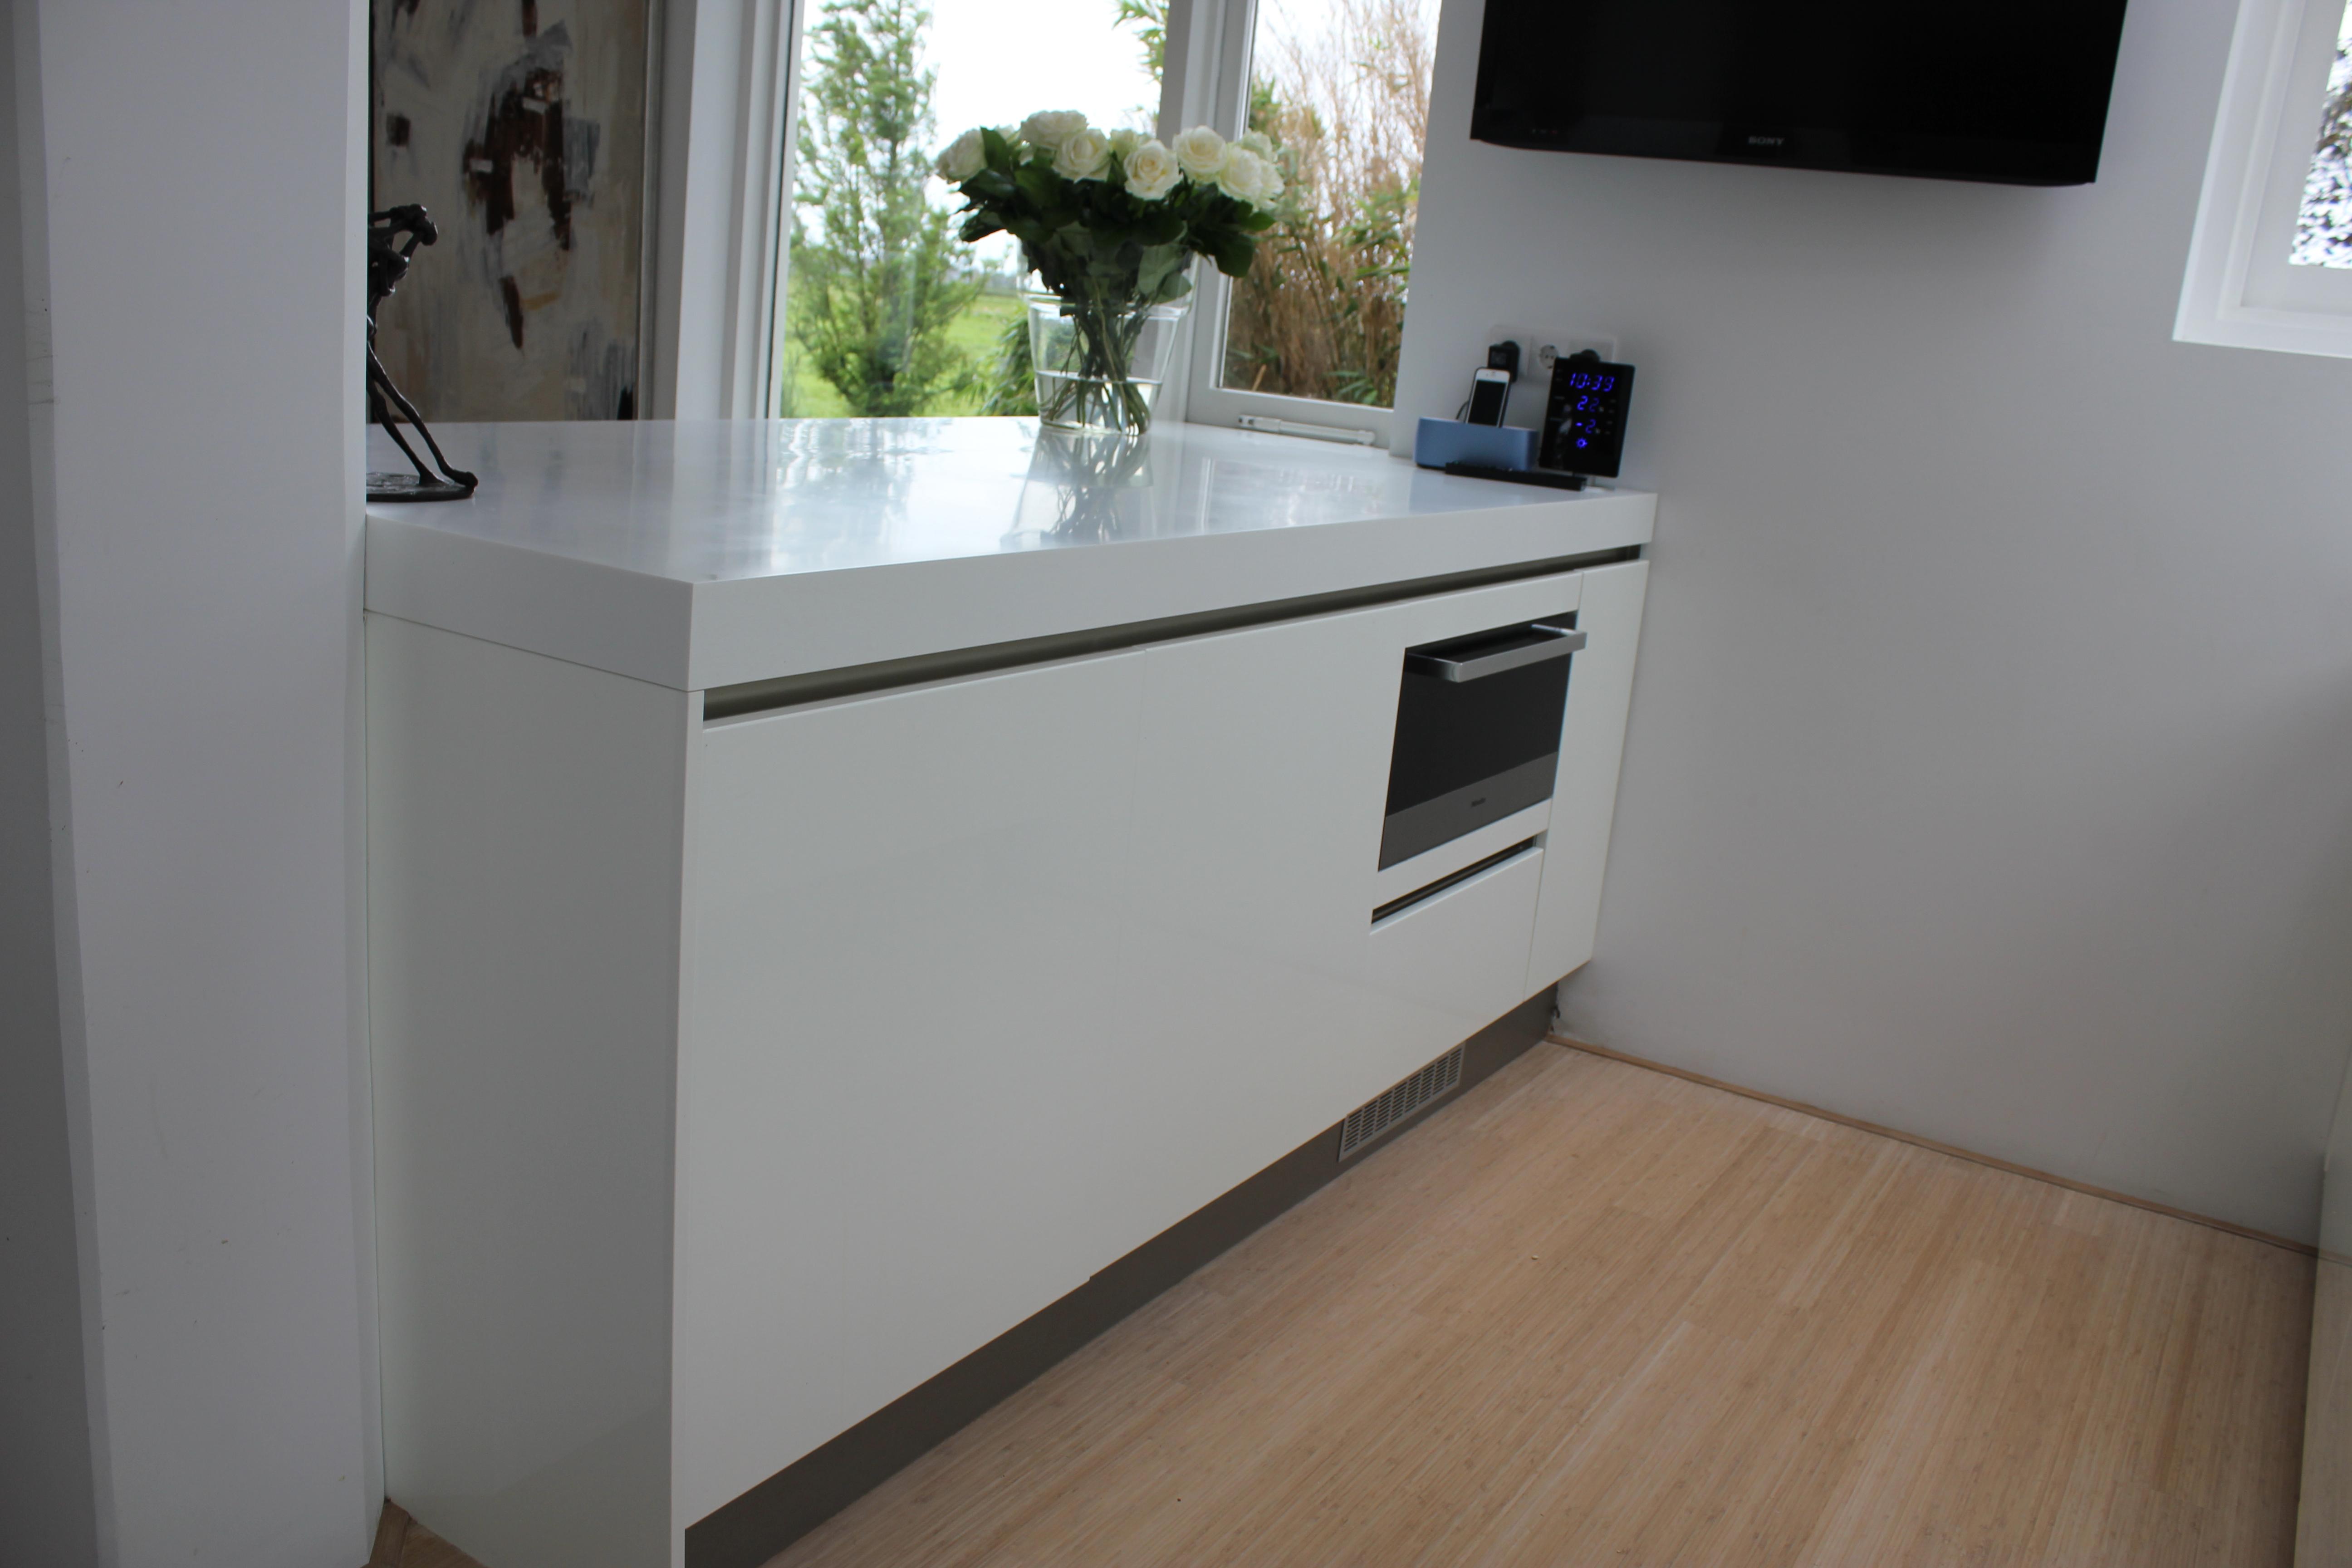 hornbach zaandam lampen interessante ideen f r die gestaltung eines raumes in. Black Bedroom Furniture Sets. Home Design Ideas